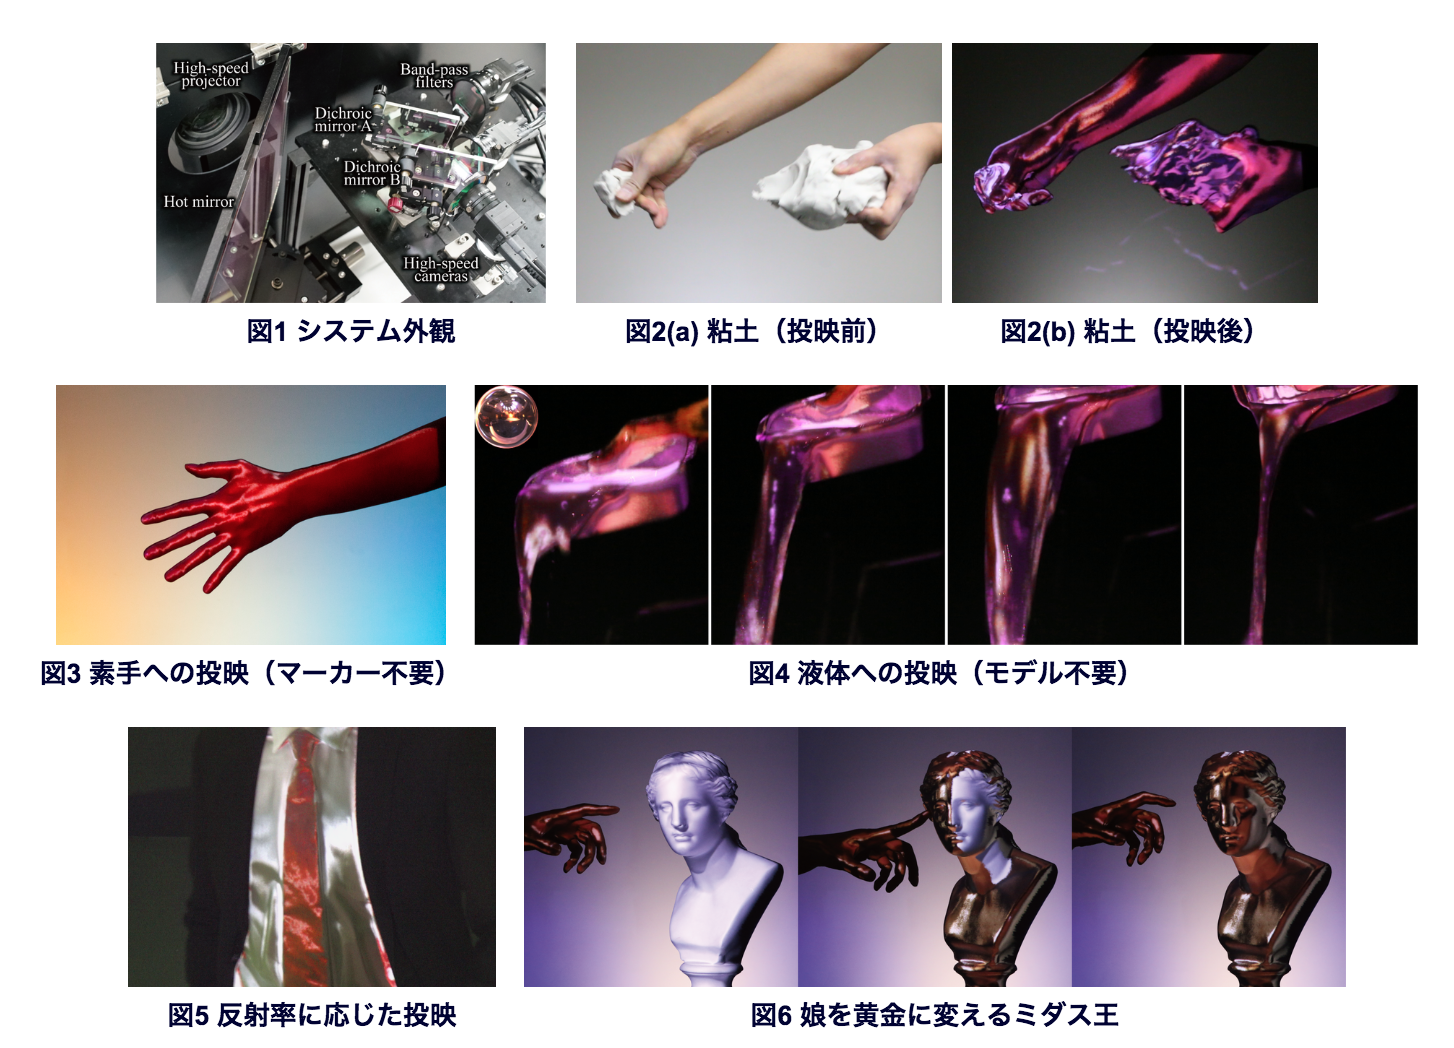 東京大学と東京工業大学、マーカーや形状モデルなしにダイナミックプロジェクションマッピングを行う手法を発表。流れる水や変形する粘土等へもぴったり投影